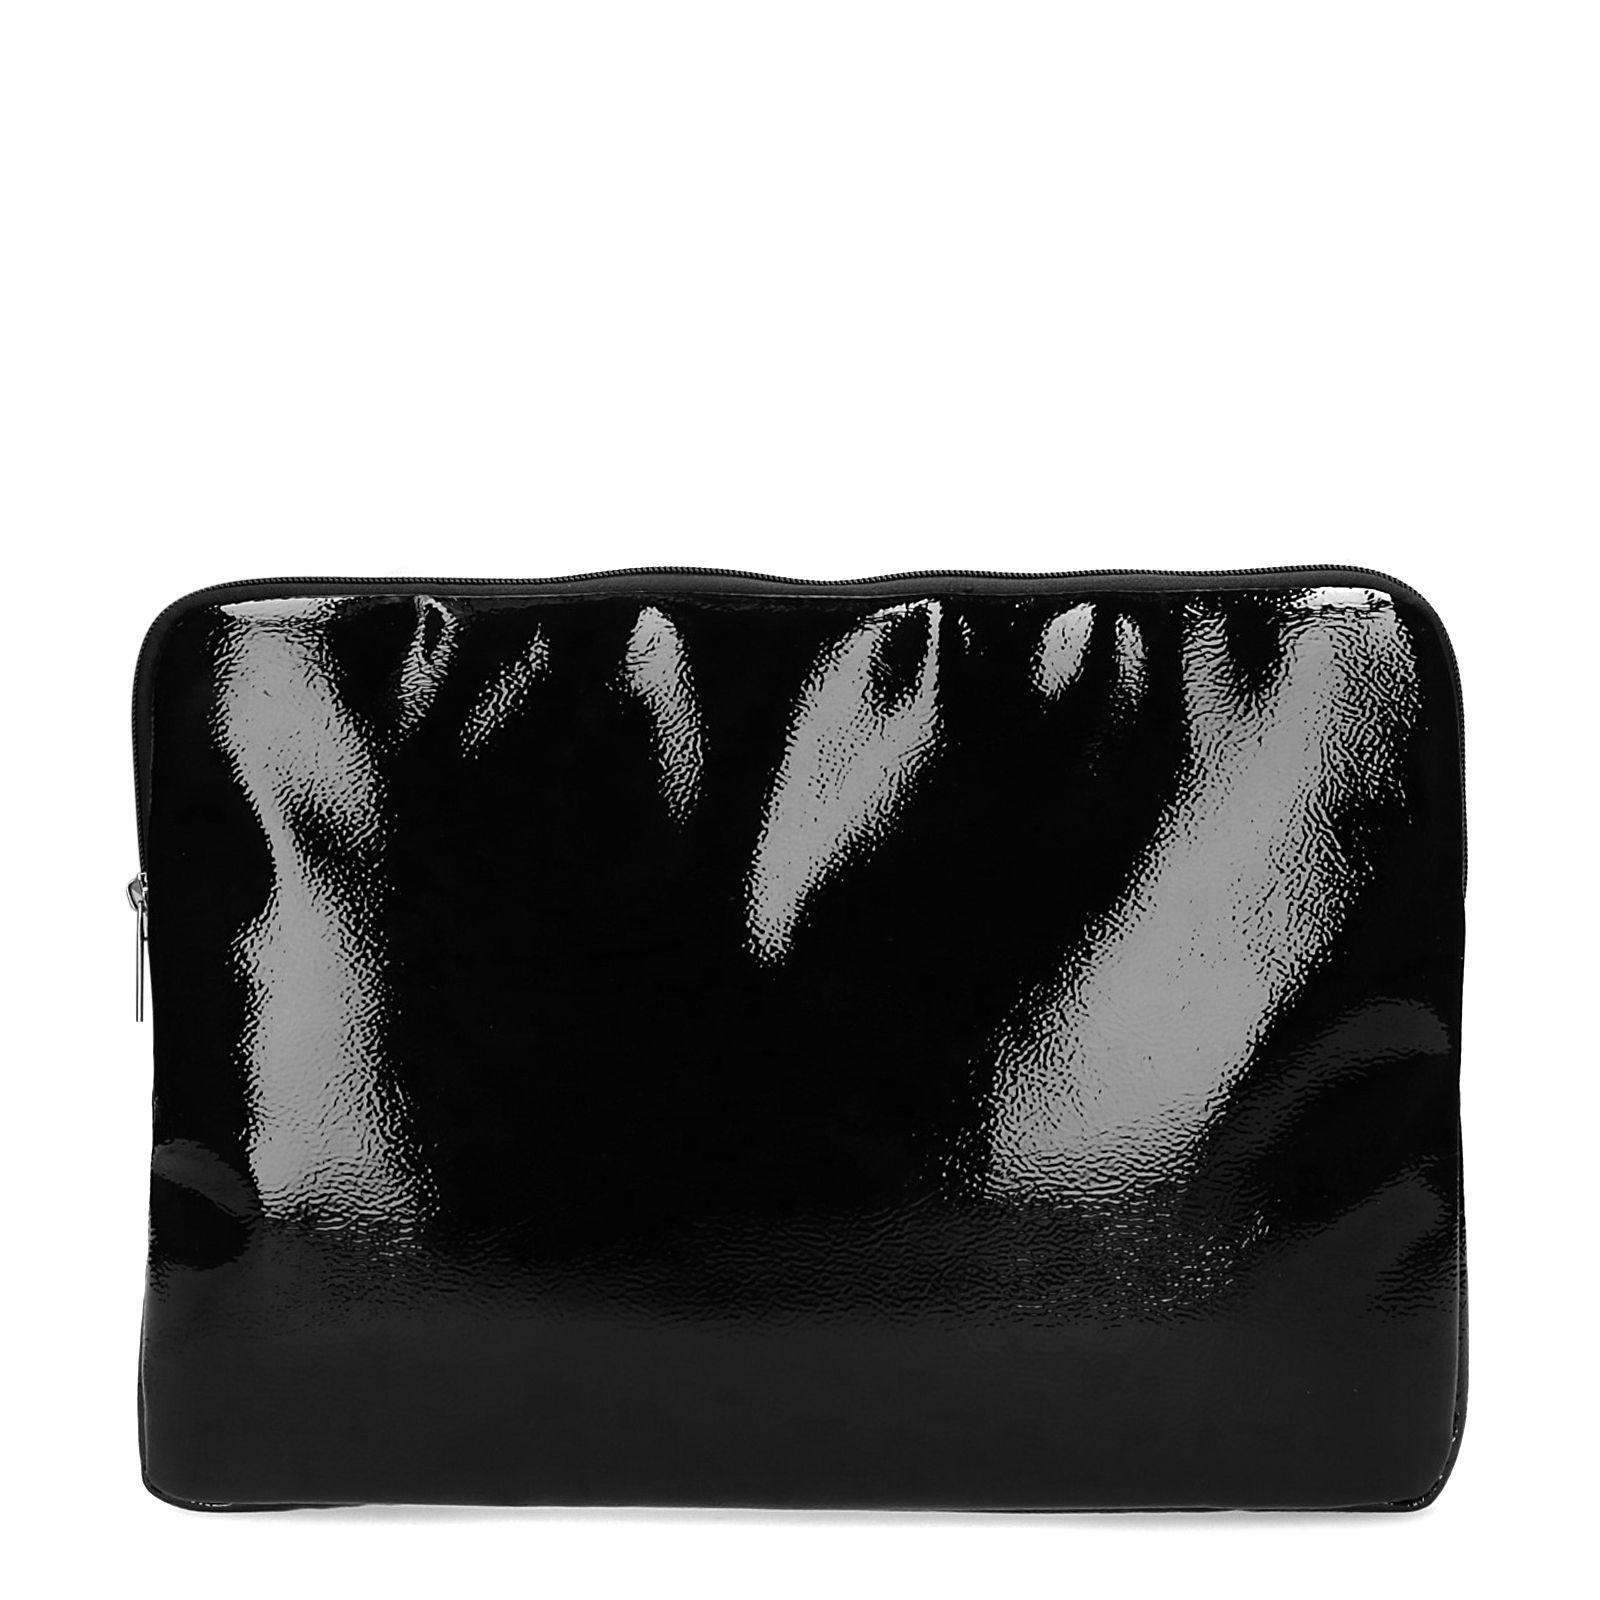 Lak zwarte laptop tas